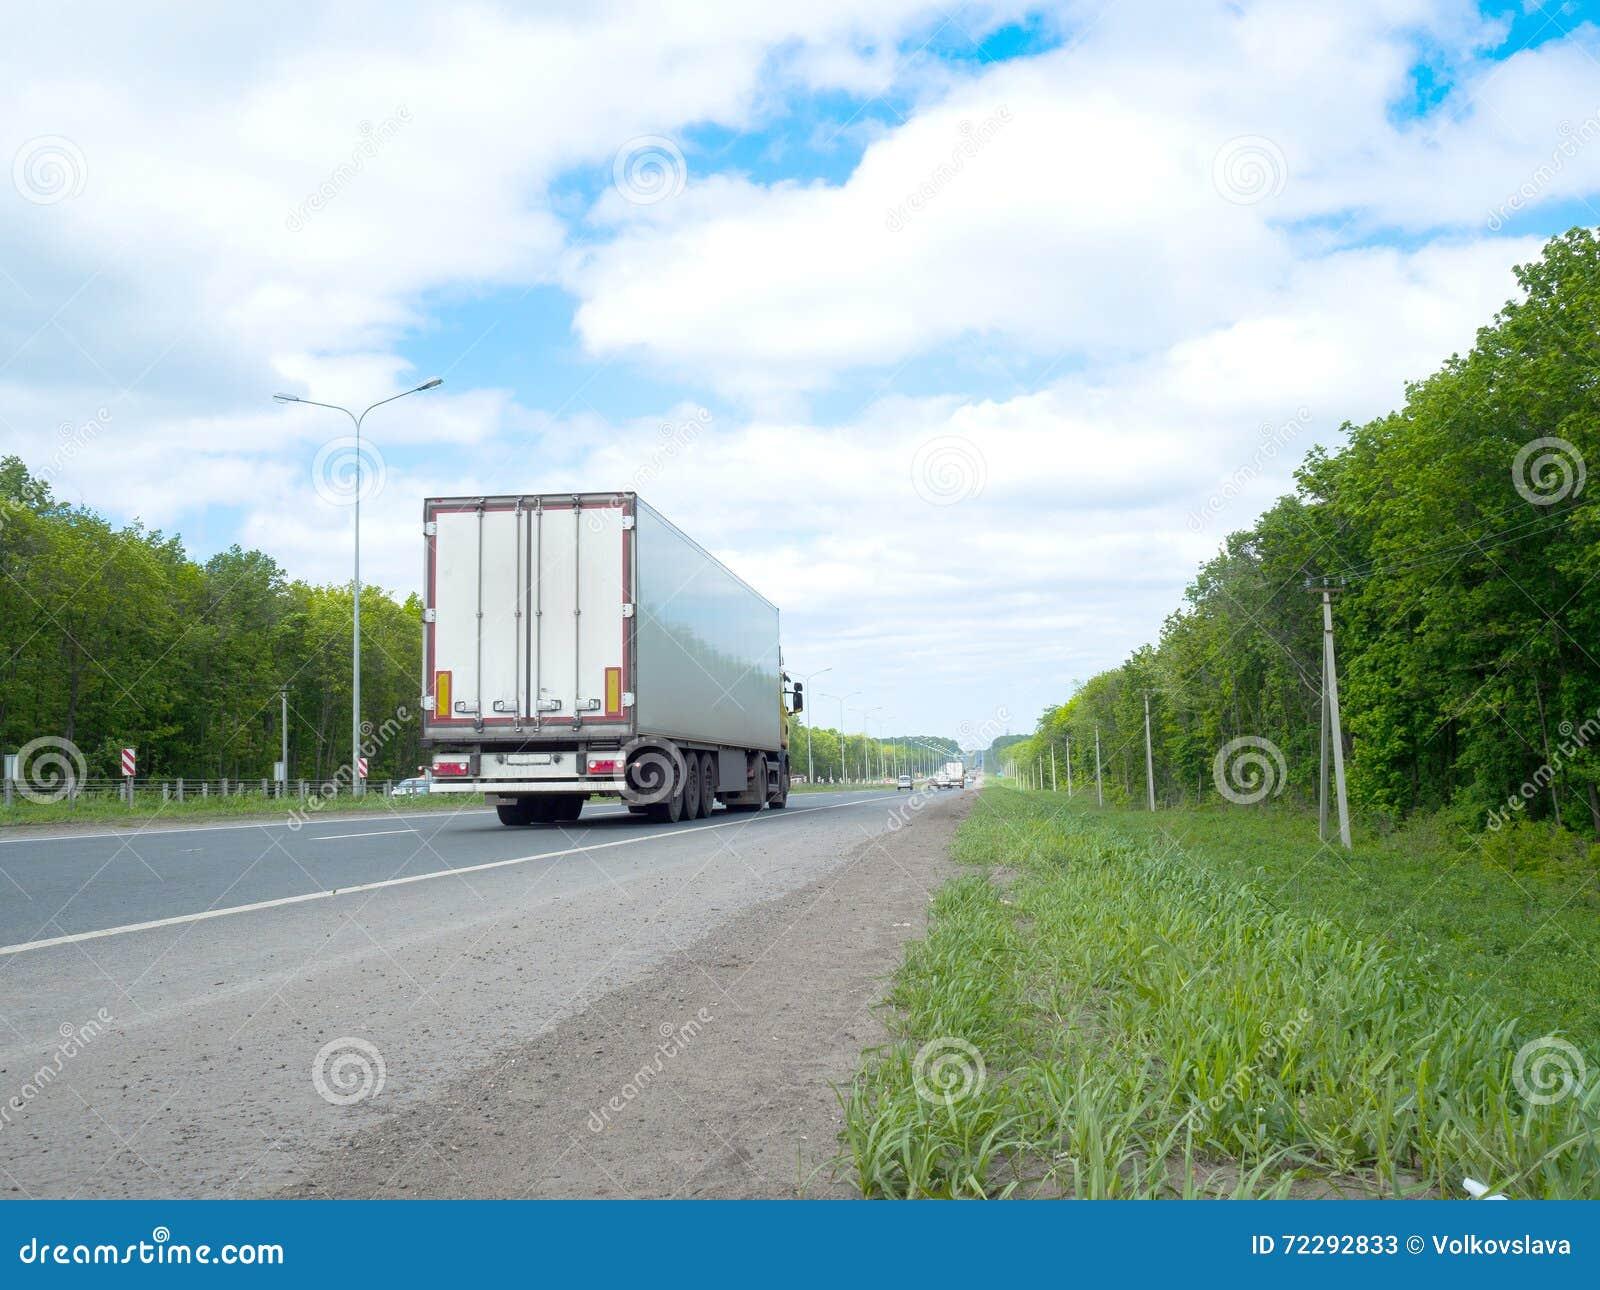 Download Дорога с Moving автомобилями и зелеными окрестностями на сторонах Стоковое Изображение - изображение насчитывающей хайвей, горизонт: 72292833